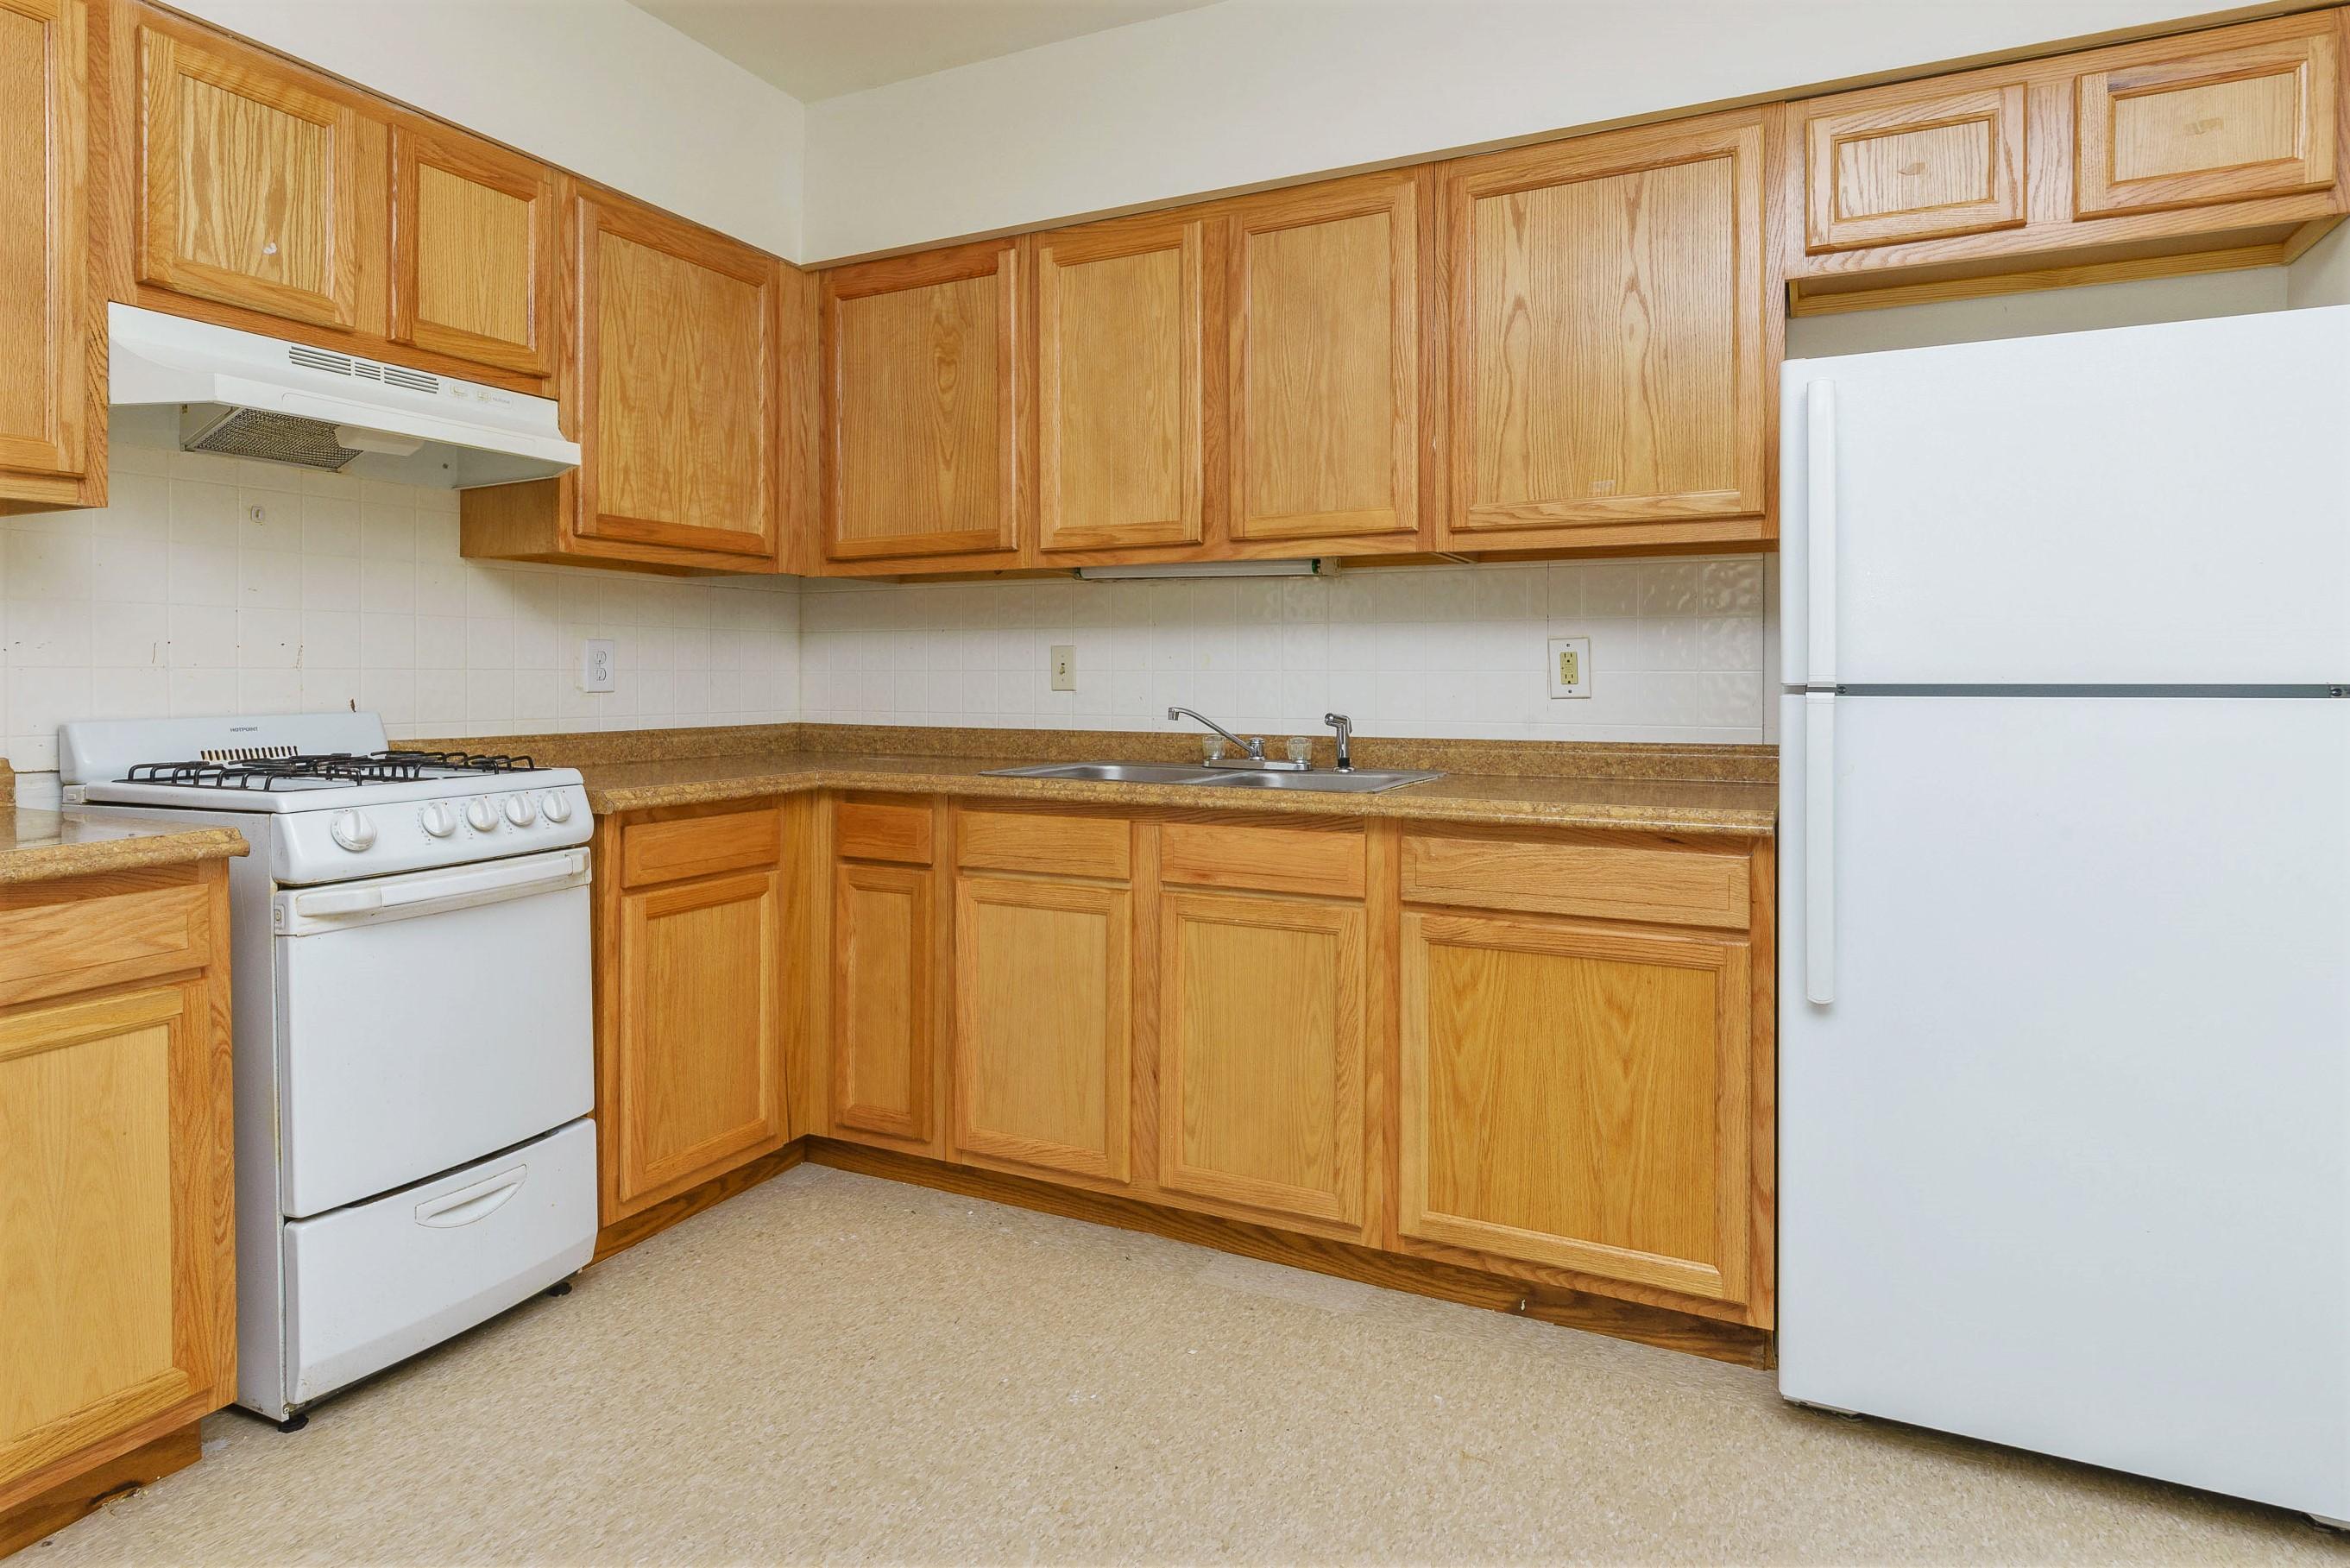 Image of Poughkeepsie Village Senior Apartments